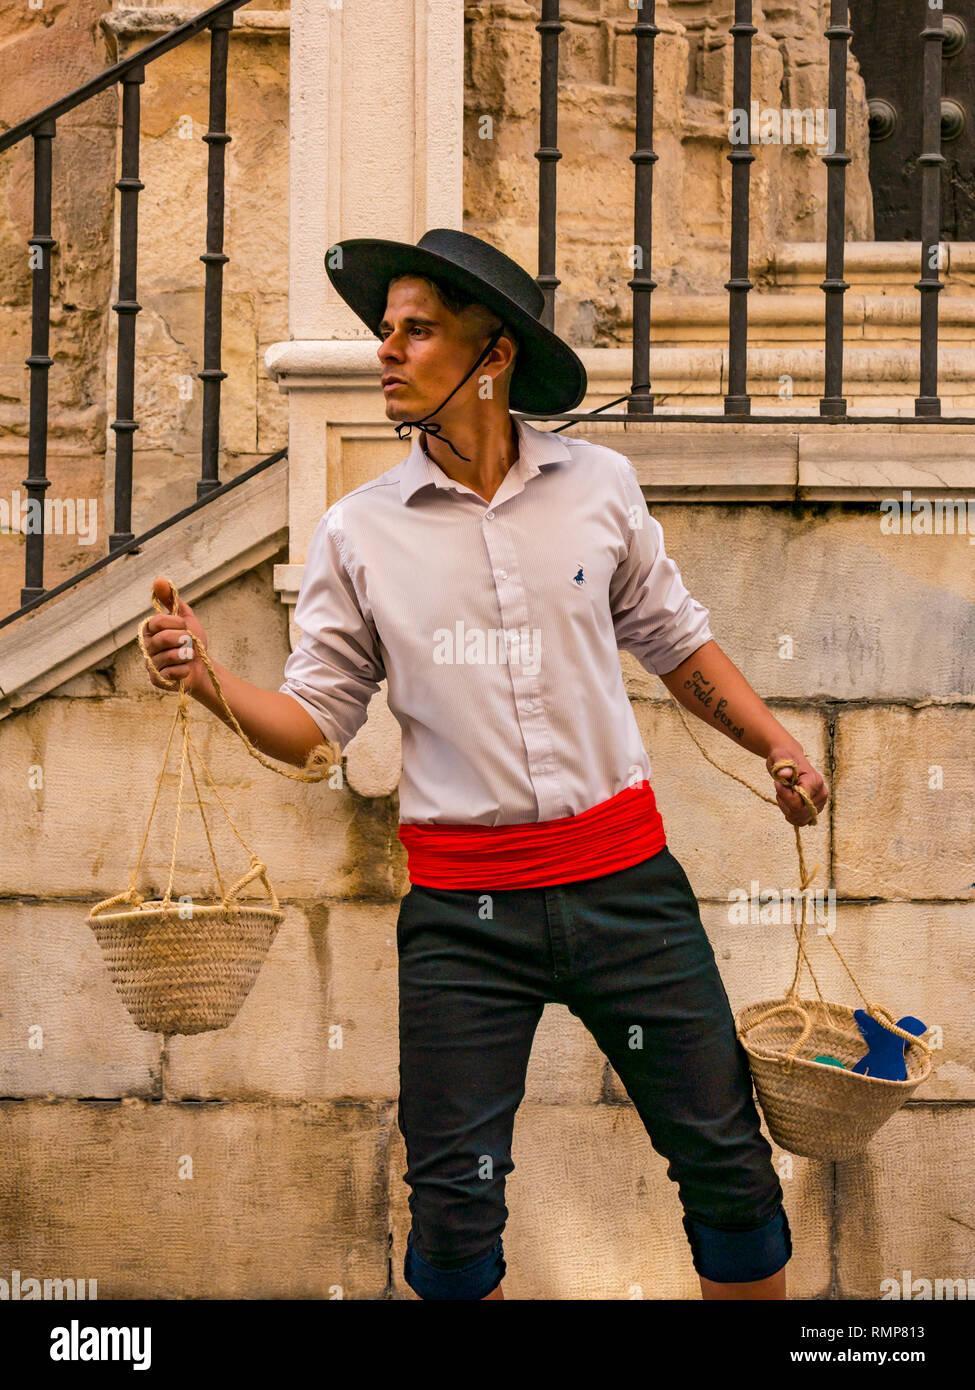 El hombre vestido con trajes tradicionales españoles como una estatua  touris viva fuera de la catedral 36cb29946c8